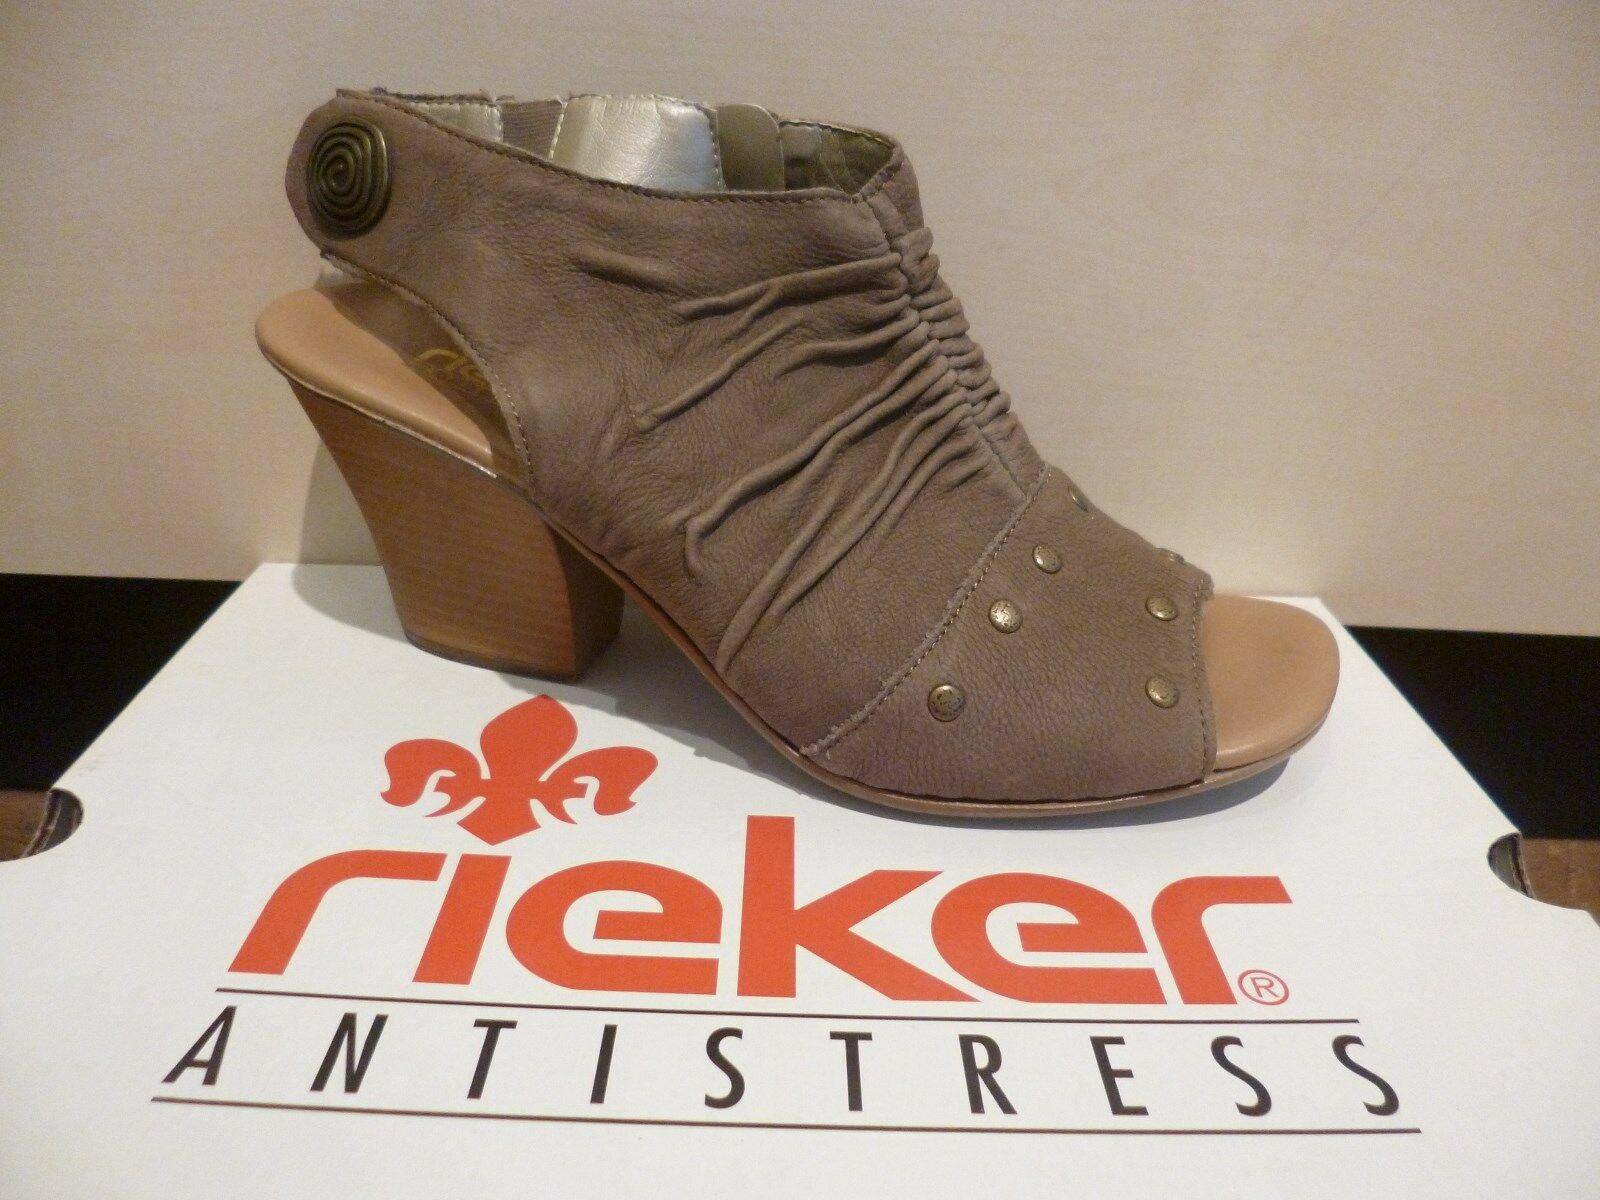 Rieker Damen Sandale beige braun weiche Innensohle, RV NEU